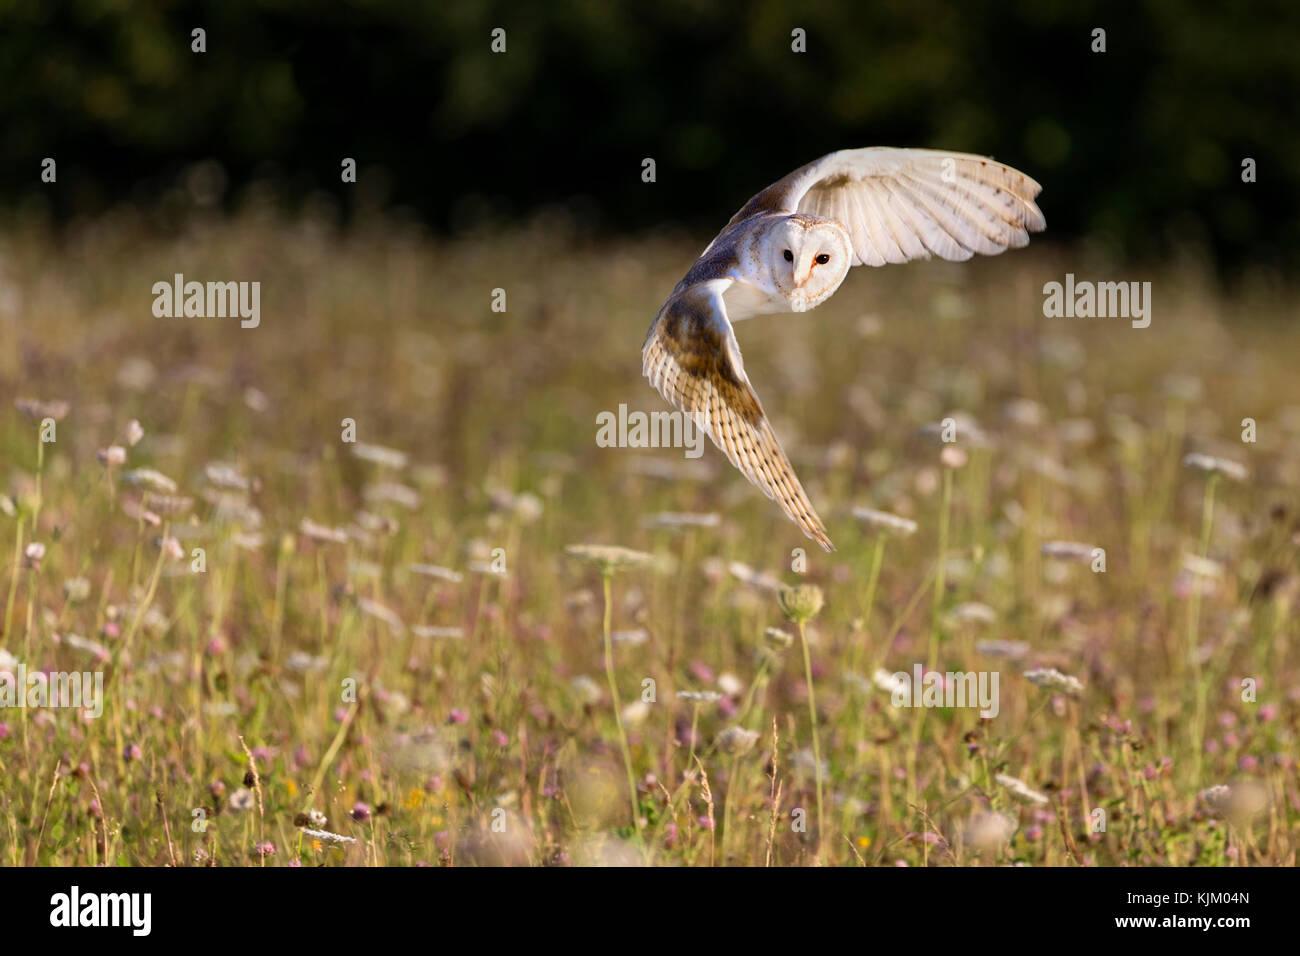 Chouette effraie en vol Photo Stock